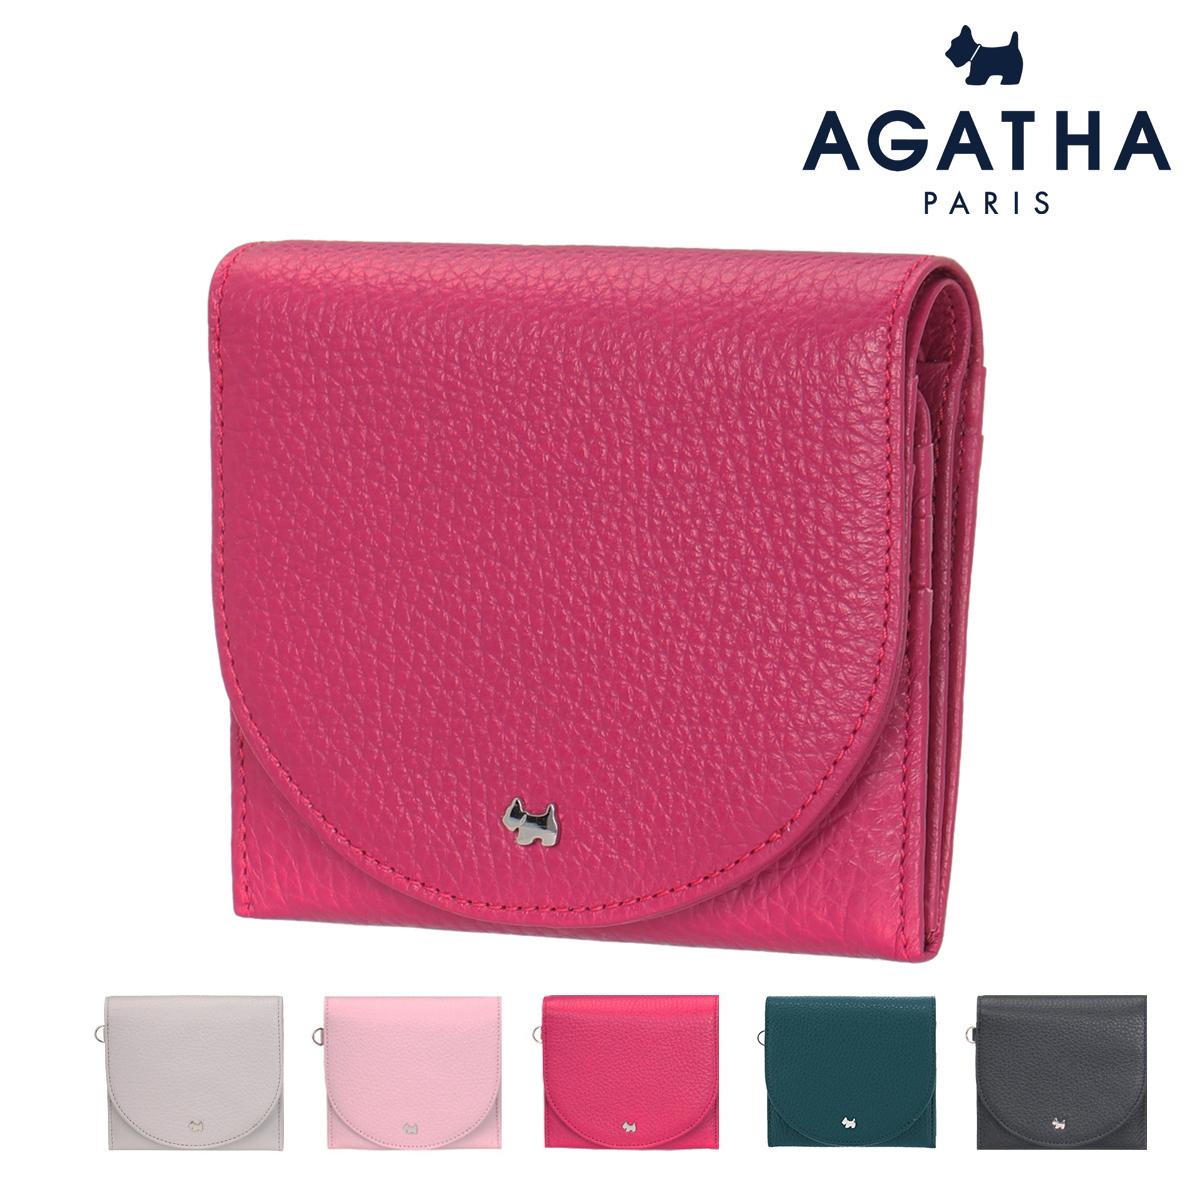 アガタ パリ 二つ折り財布 スコッティ レディース 13036 AGATHA PARIS | BOX型小銭入れ 牛革 本革 レザー[即日発送]